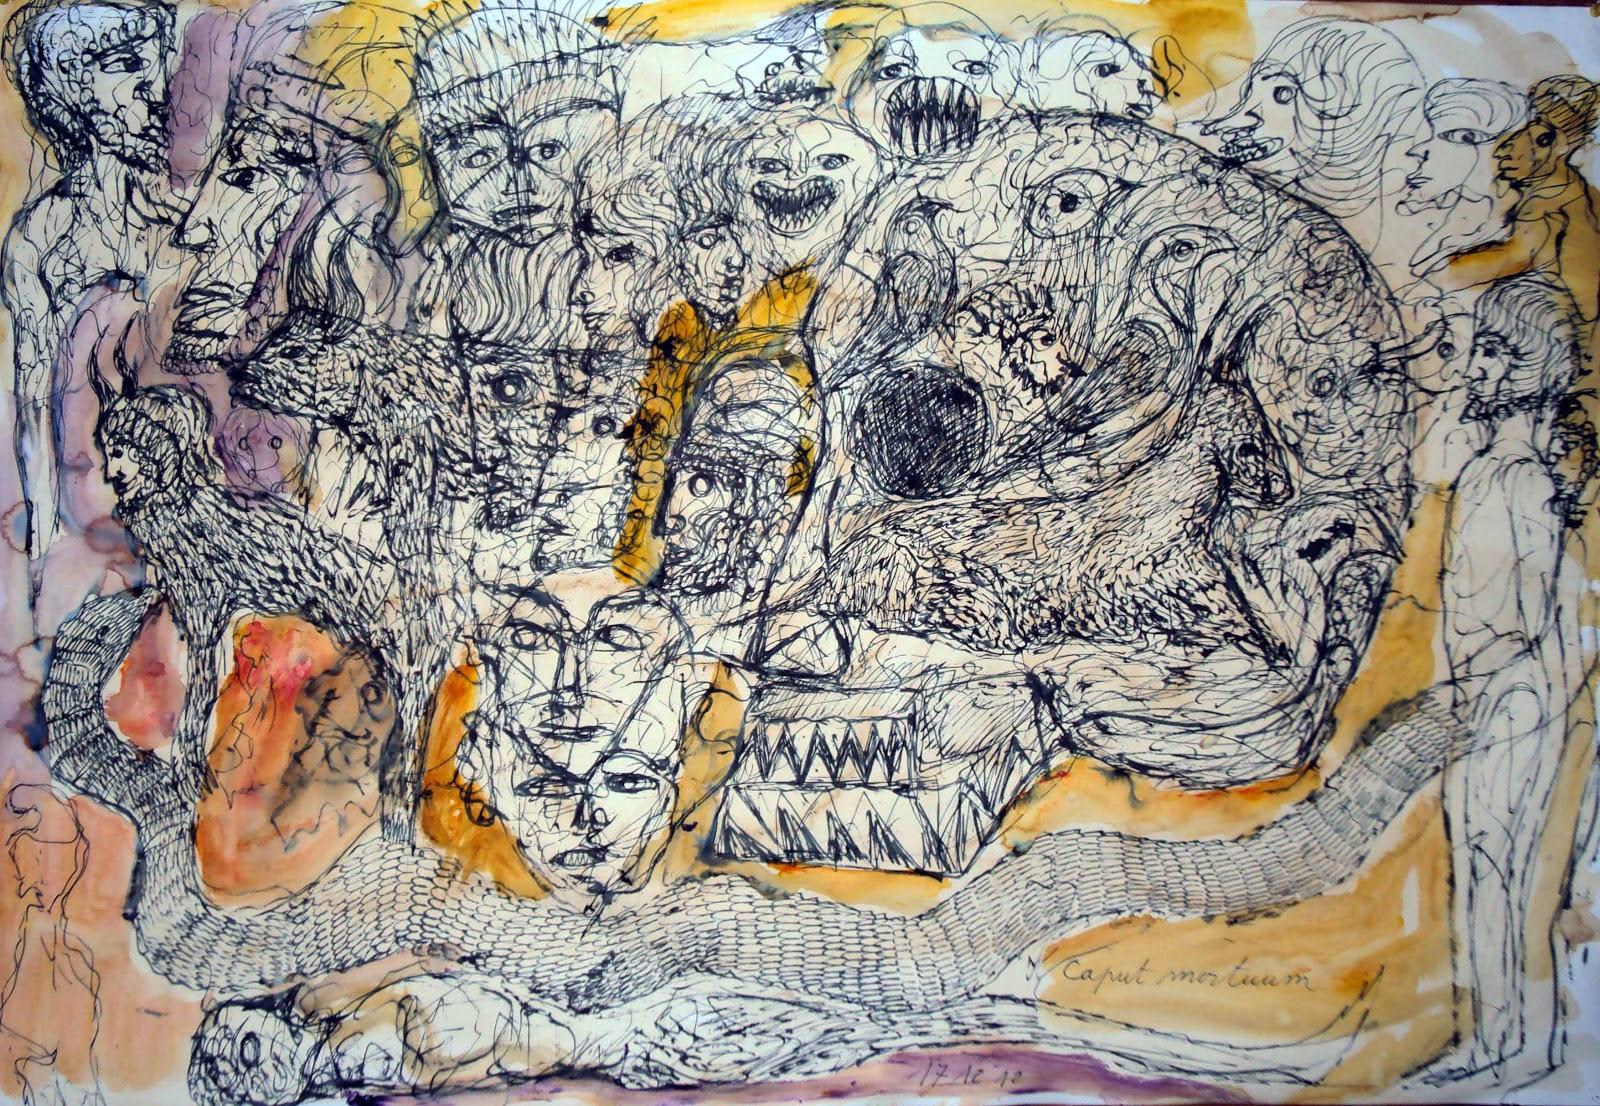 Jean christophe philippi journal de peinture d cembre 2012 - Bricolage en papier journal ...